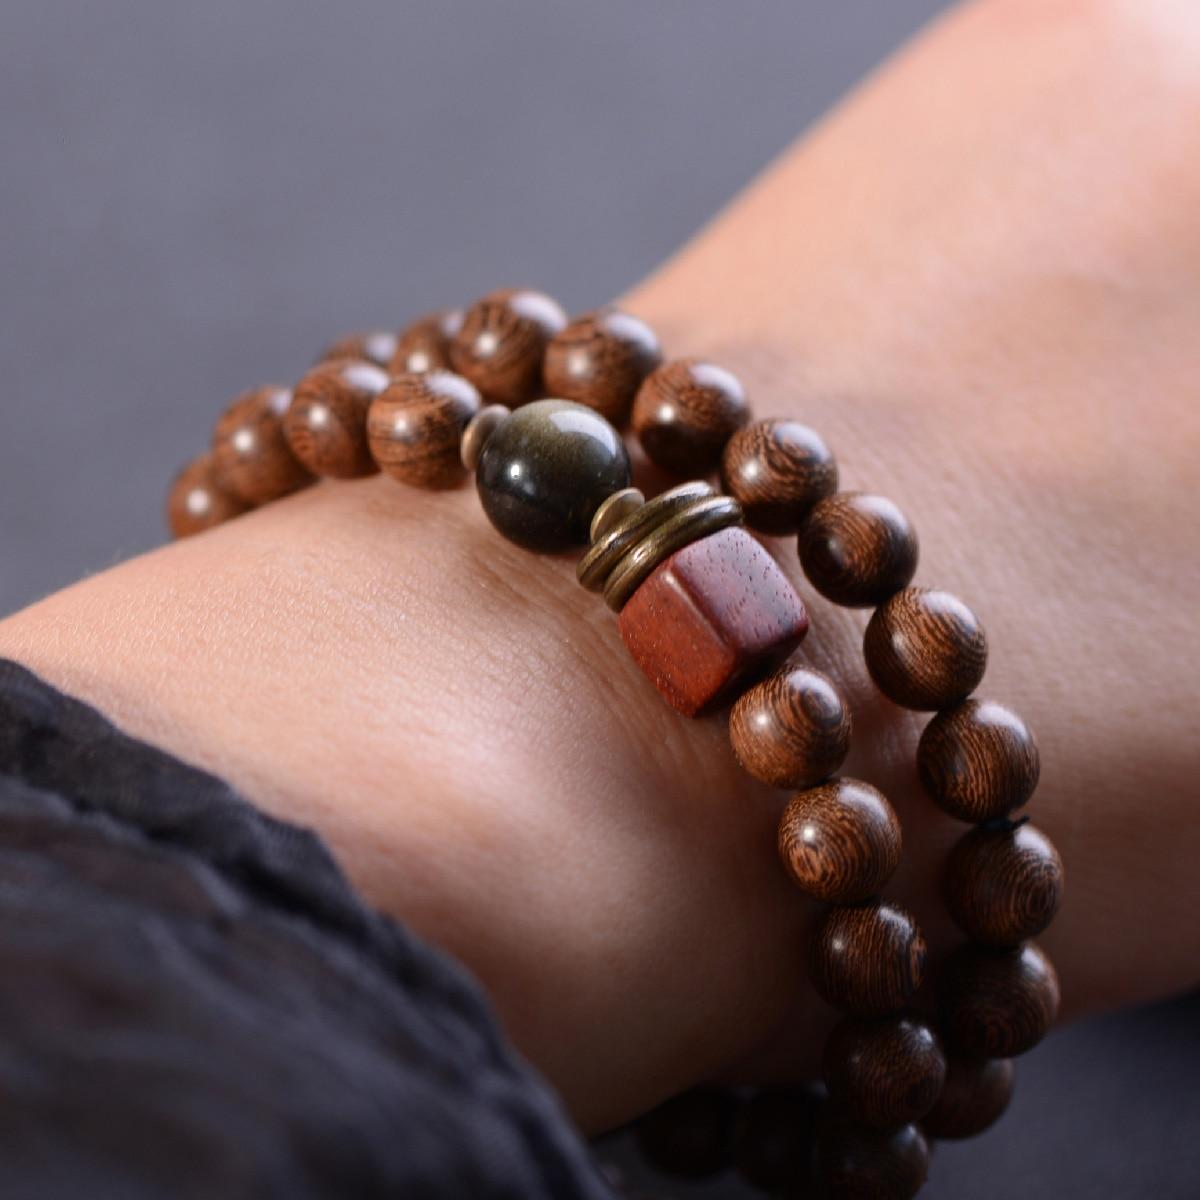 BOEYCJR, Oro Natural, Sándalo, Cuenta de obsidiana, brazaletes y pulseras, joya clásica hecha a mano, pulsera de energía para hombre